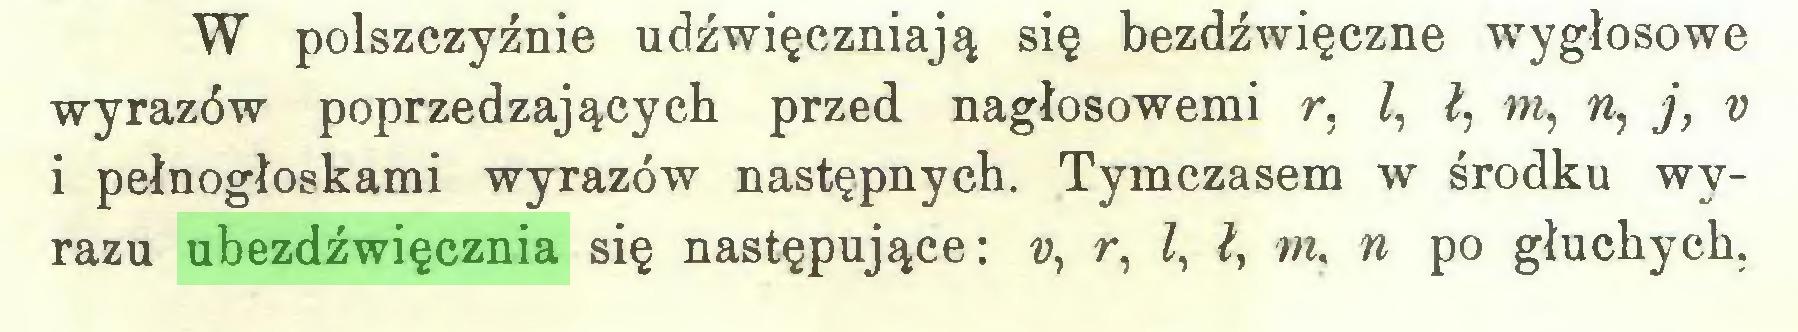 (...) W polszczyźnie udźwięczniają się bezdźwięczne wygłosowe wyrazów poprzedzających przed nagłosowemi r, Z, ł, m, n, j, v i pełnogłoskami wyrazów następnych. Tymczasem w środku wyrazu ubezdźwięcznia się następujące: v, r, Z, ł} m, n po głuchych,...